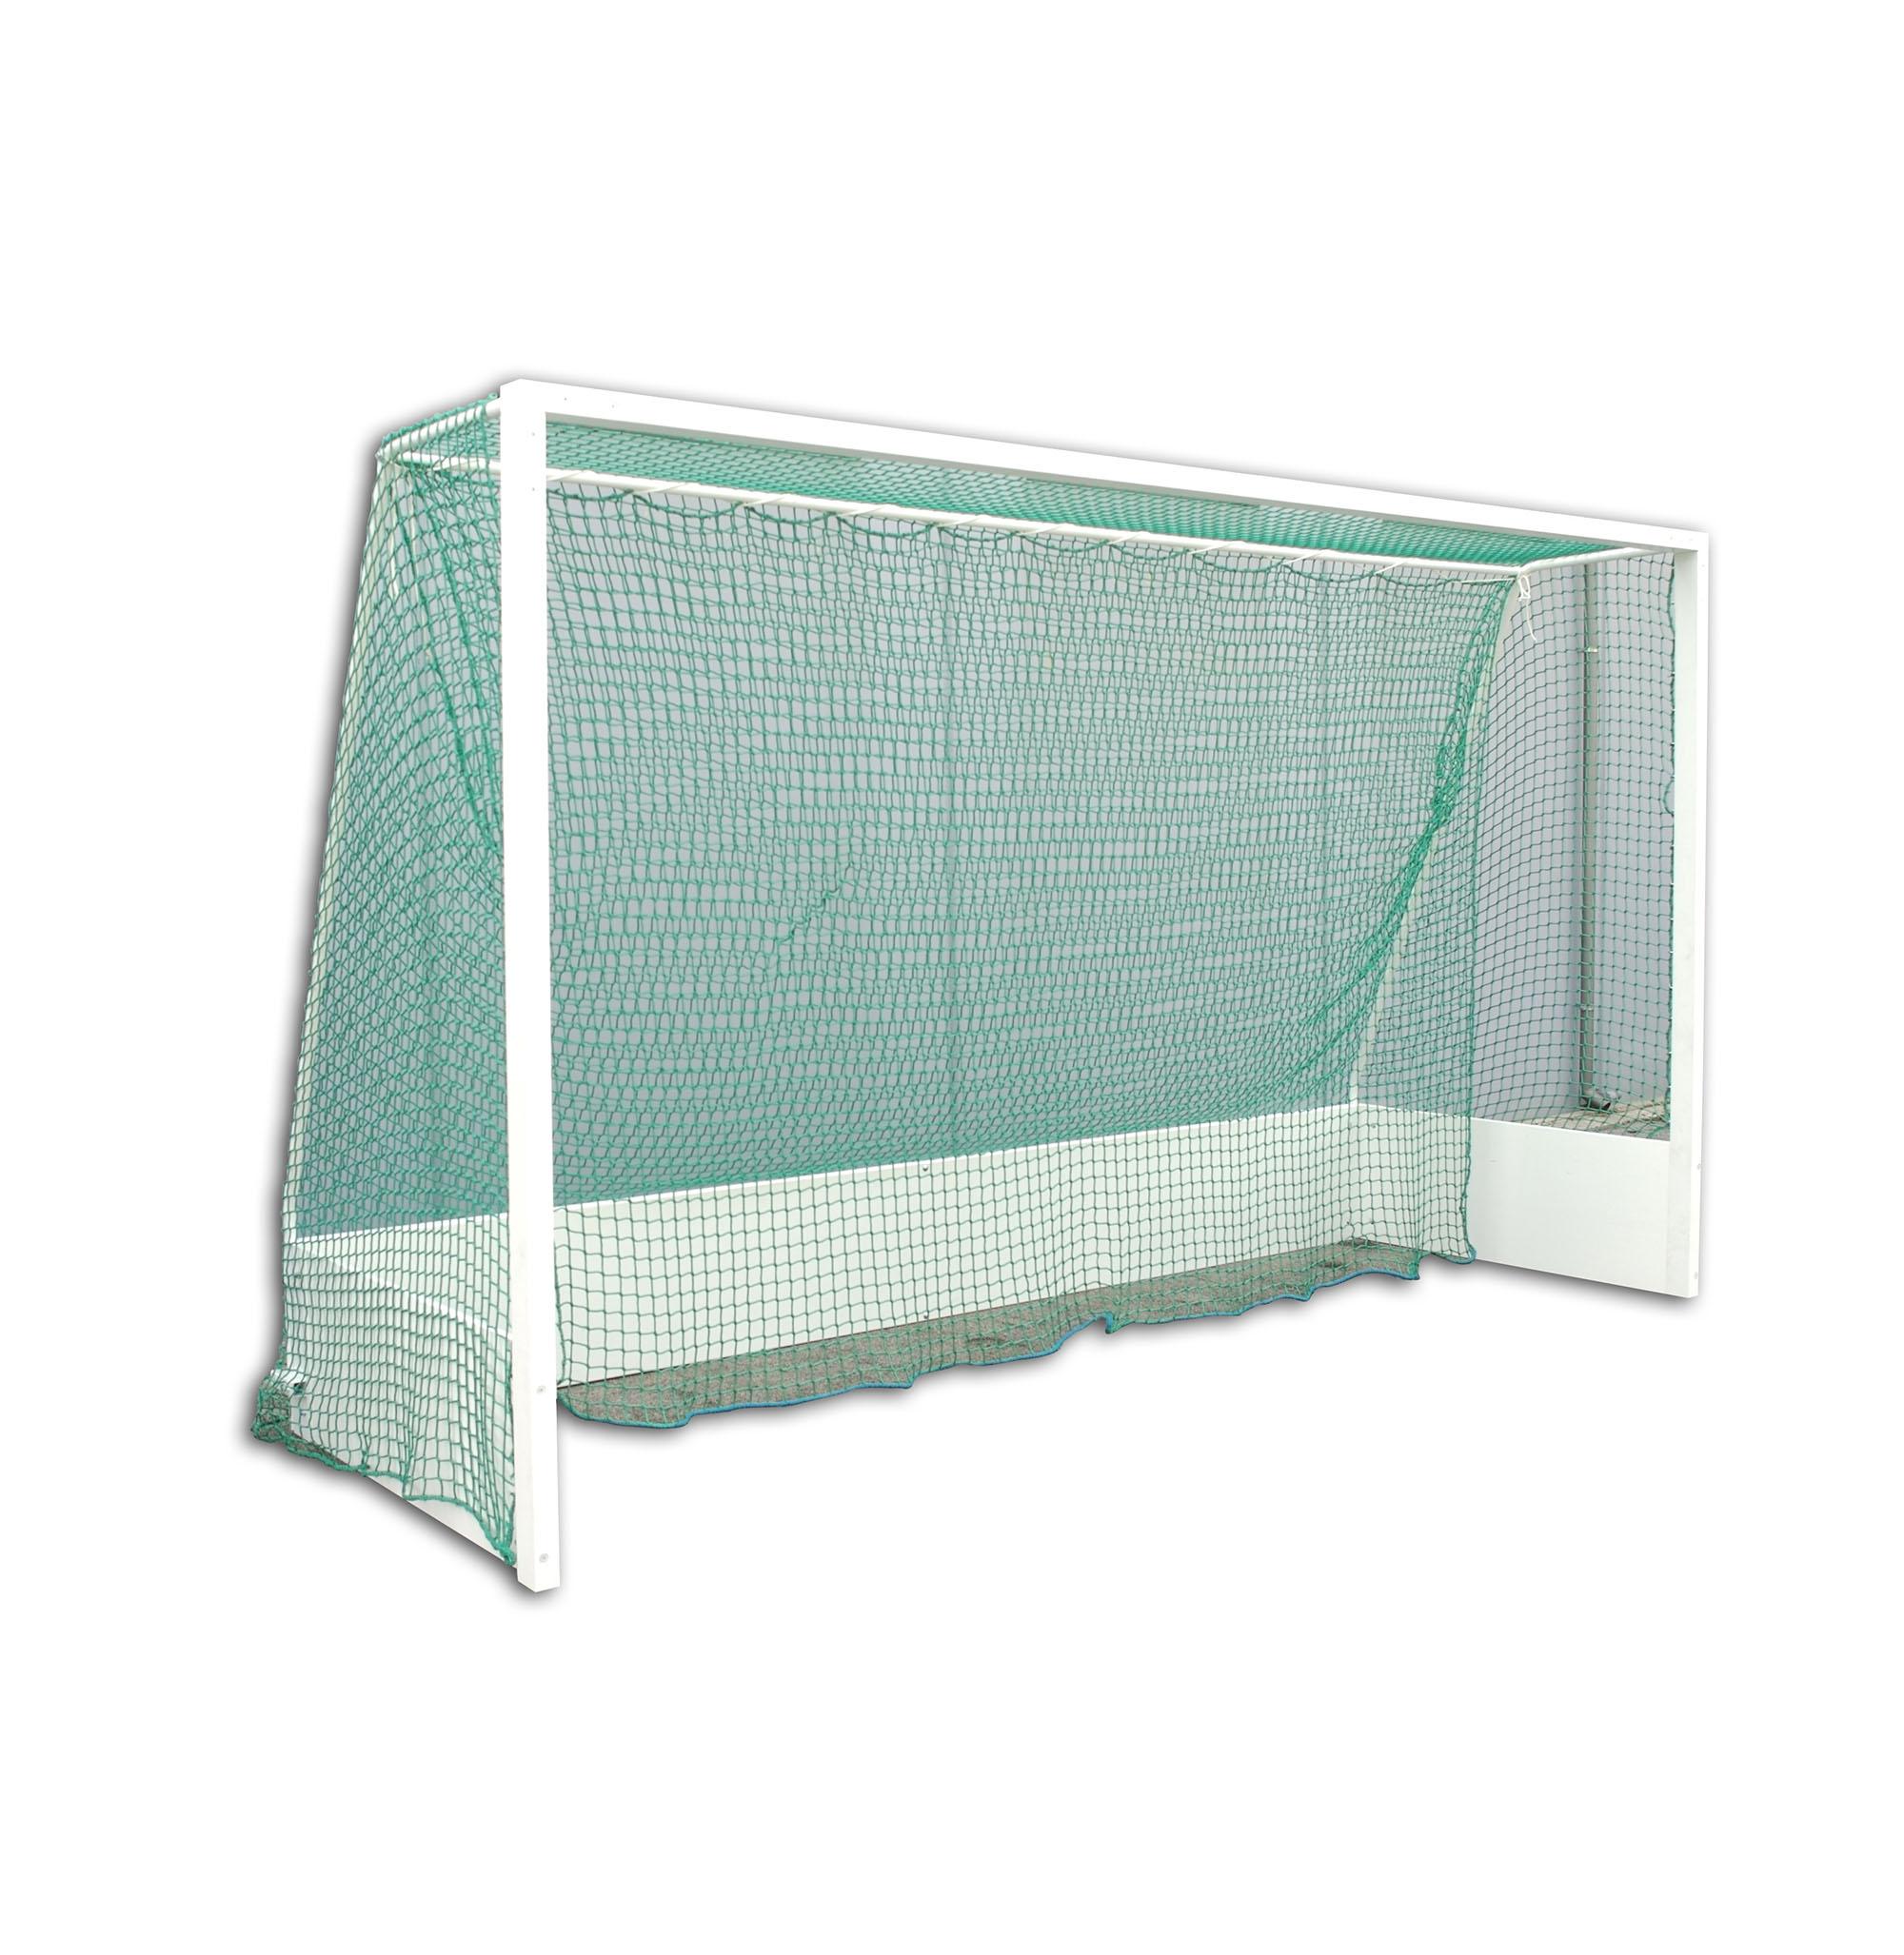 Arco para hockey césped modelo S05122 Sport System